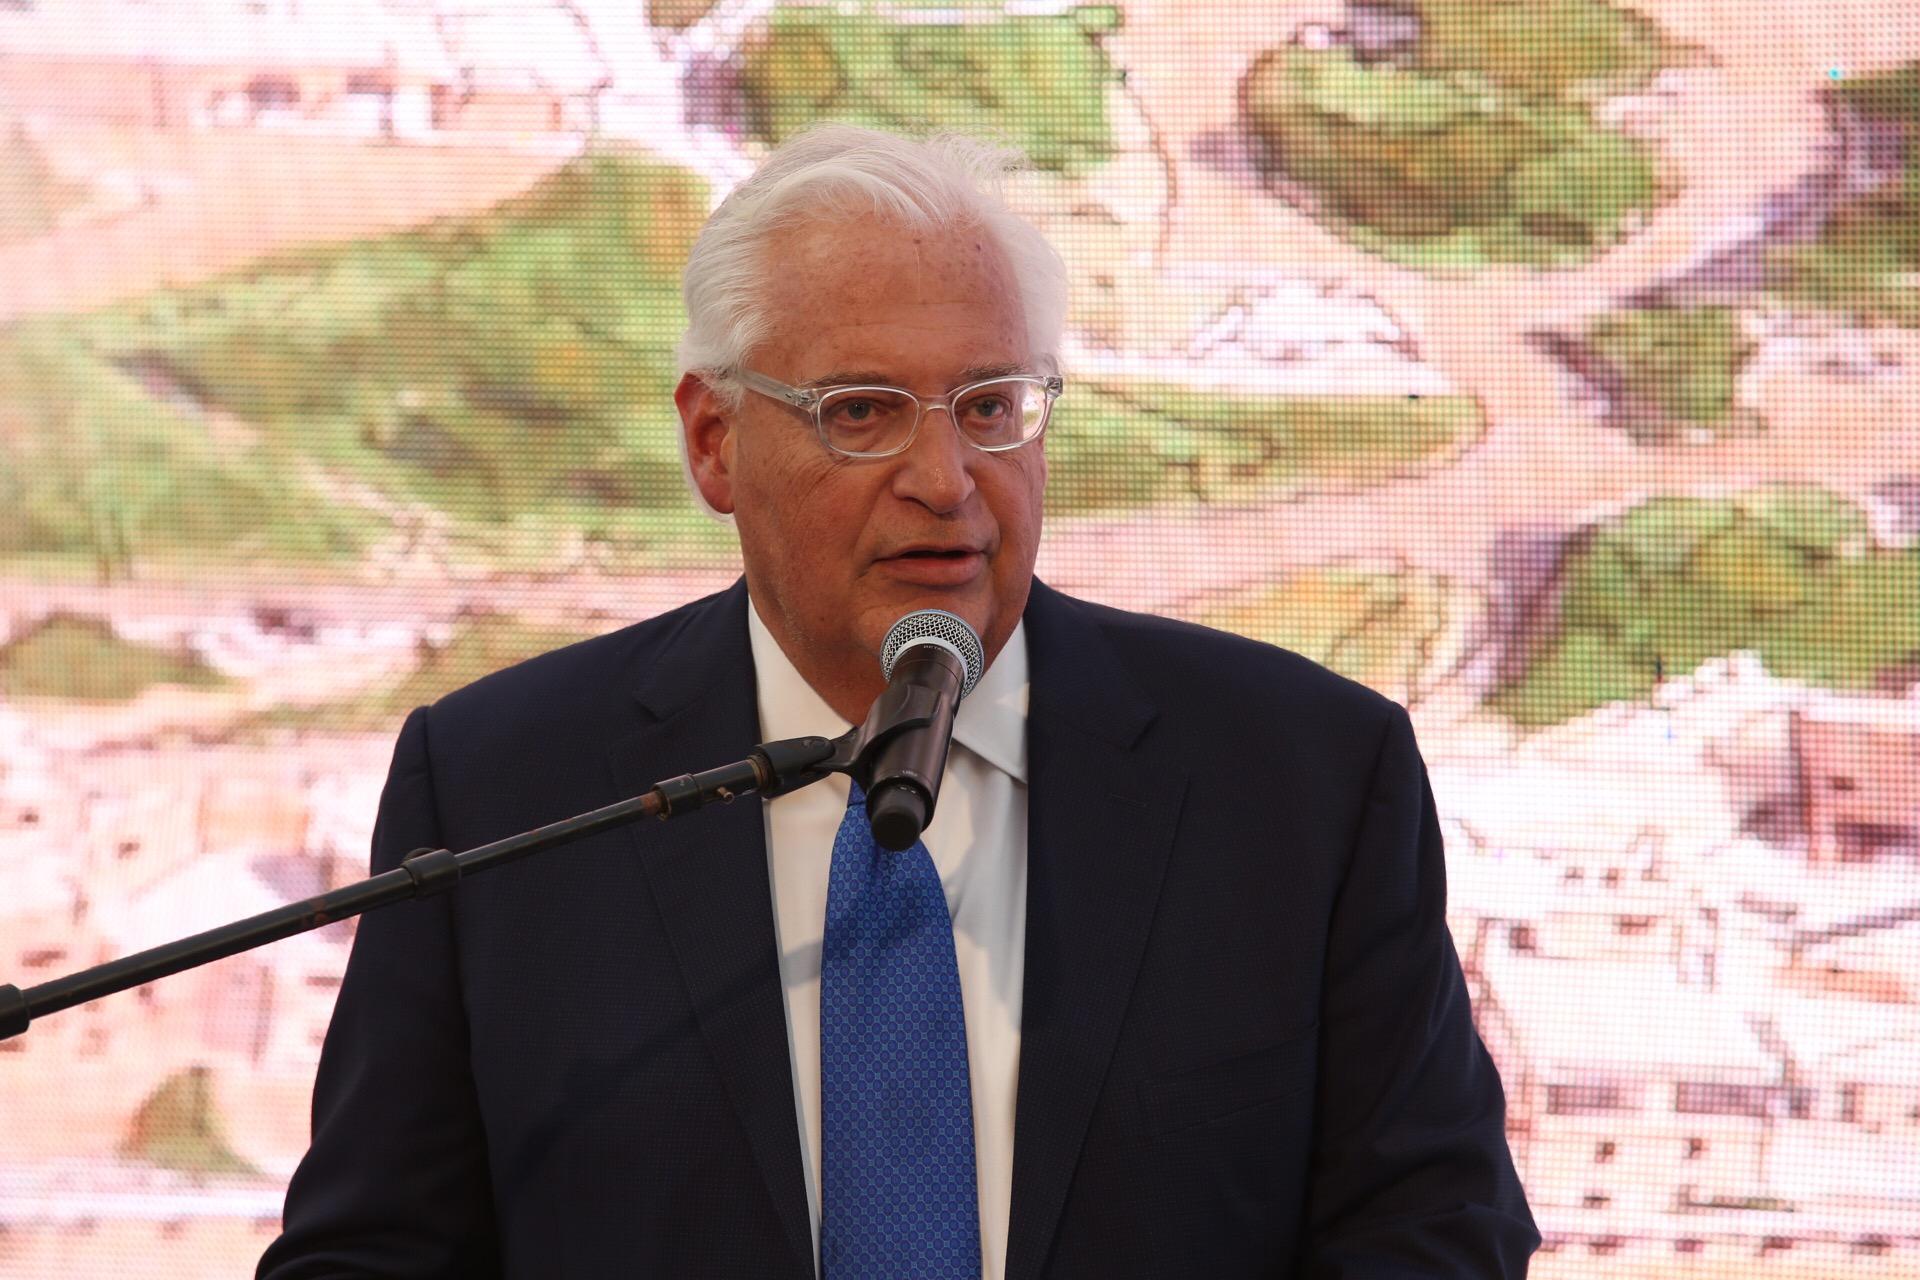 """שגריר ארה""""ב בישראל, דיויד פרידמן, היום באירוע חנוכת הרחוב. צילום: רונן טופלברג"""